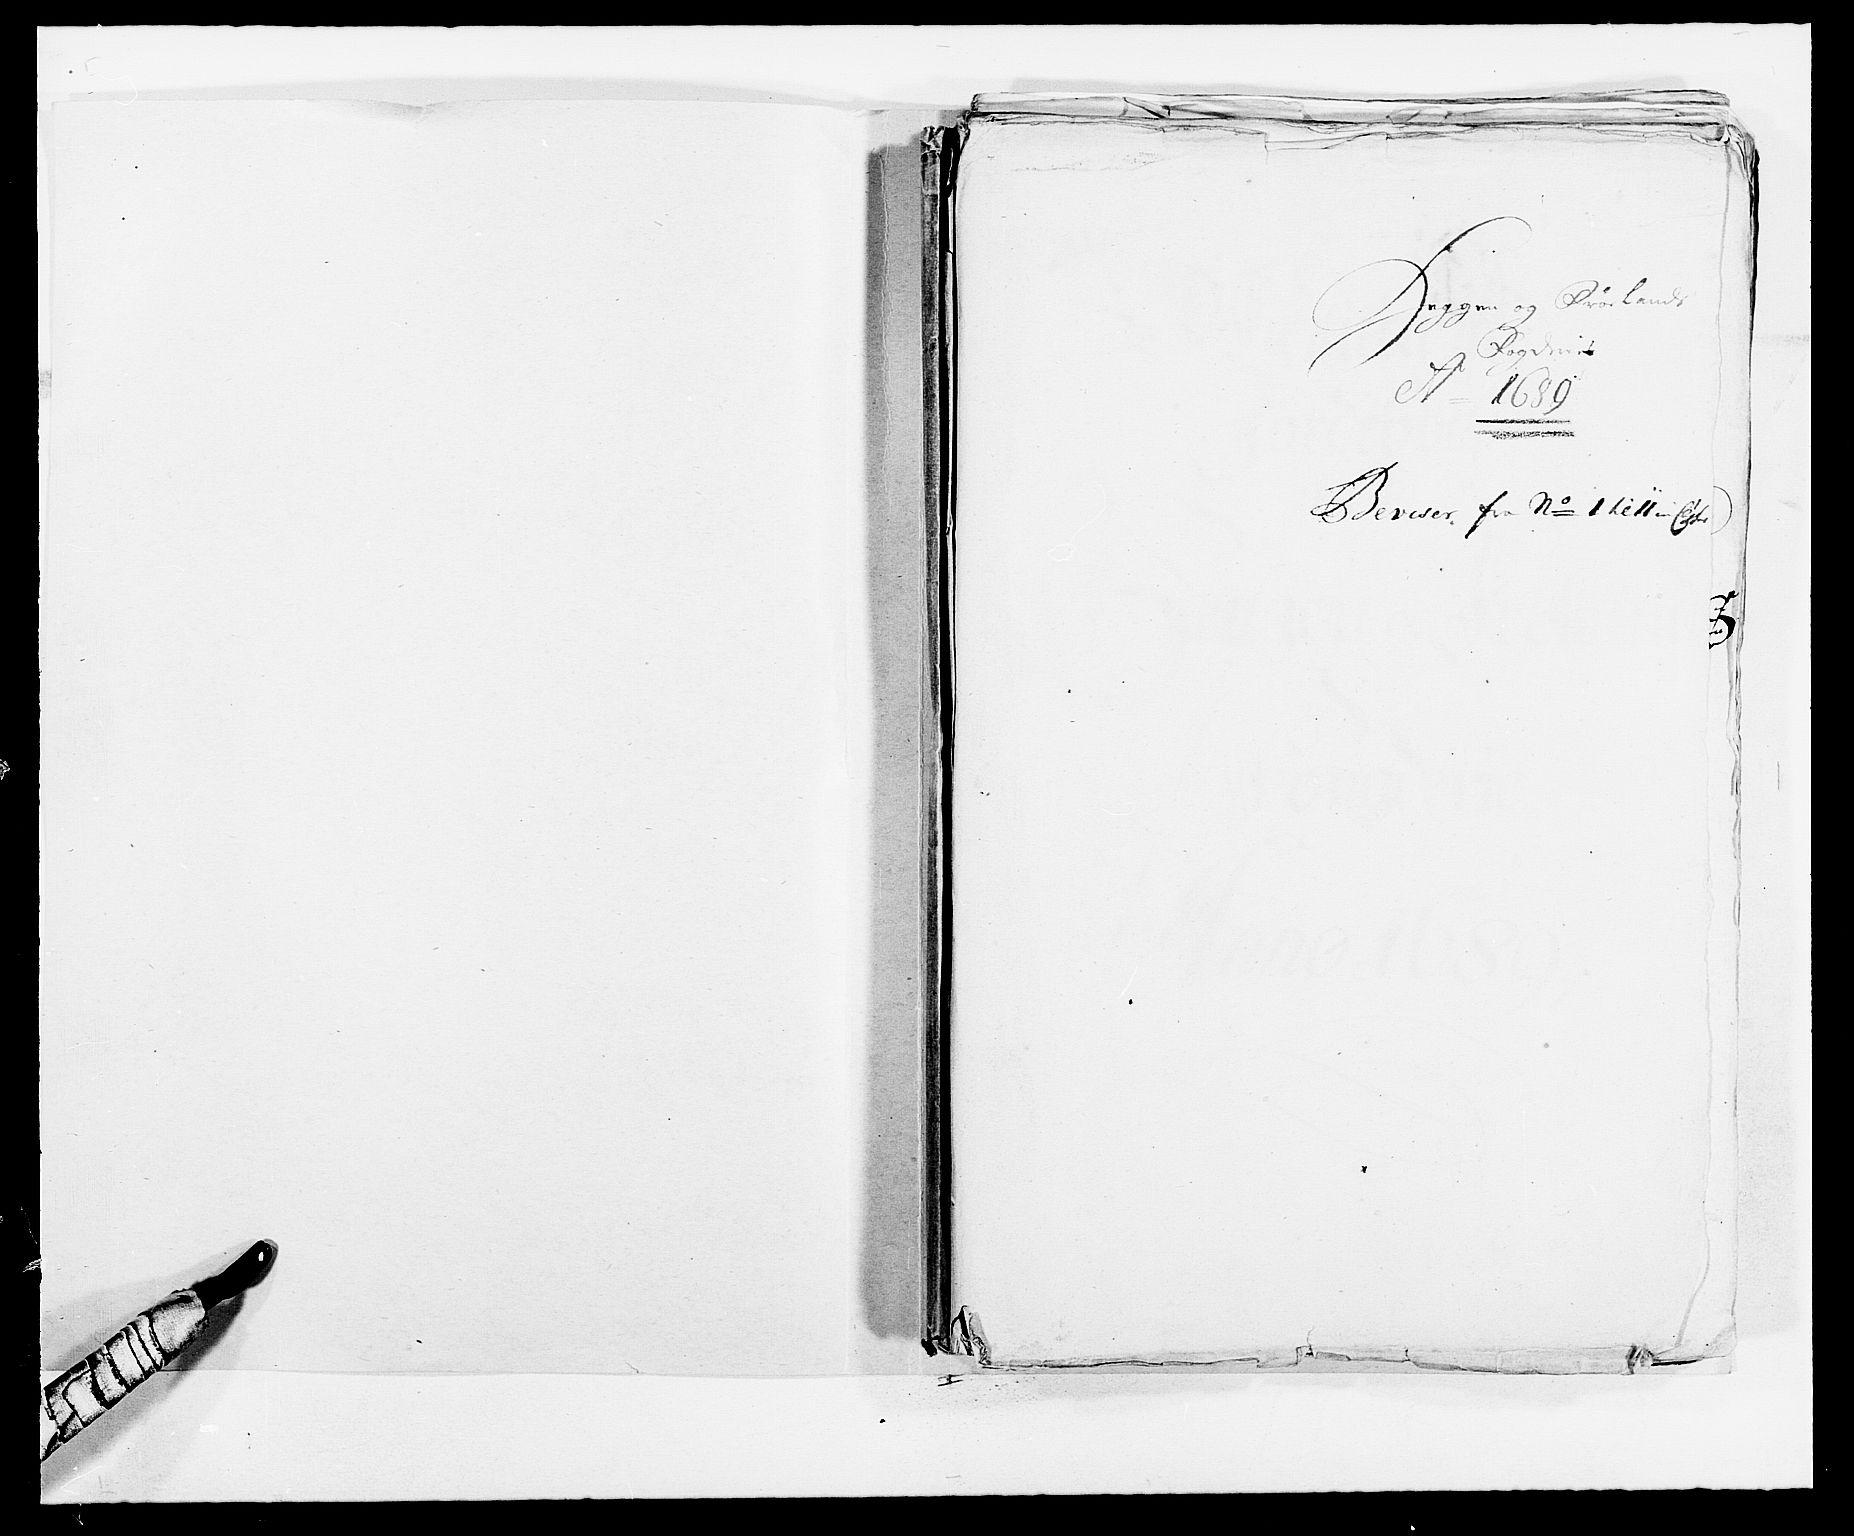 RA, Rentekammeret inntil 1814, Reviderte regnskaper, Fogderegnskap, R06/L0282: Fogderegnskap Heggen og Frøland, 1687-1690, s. 117